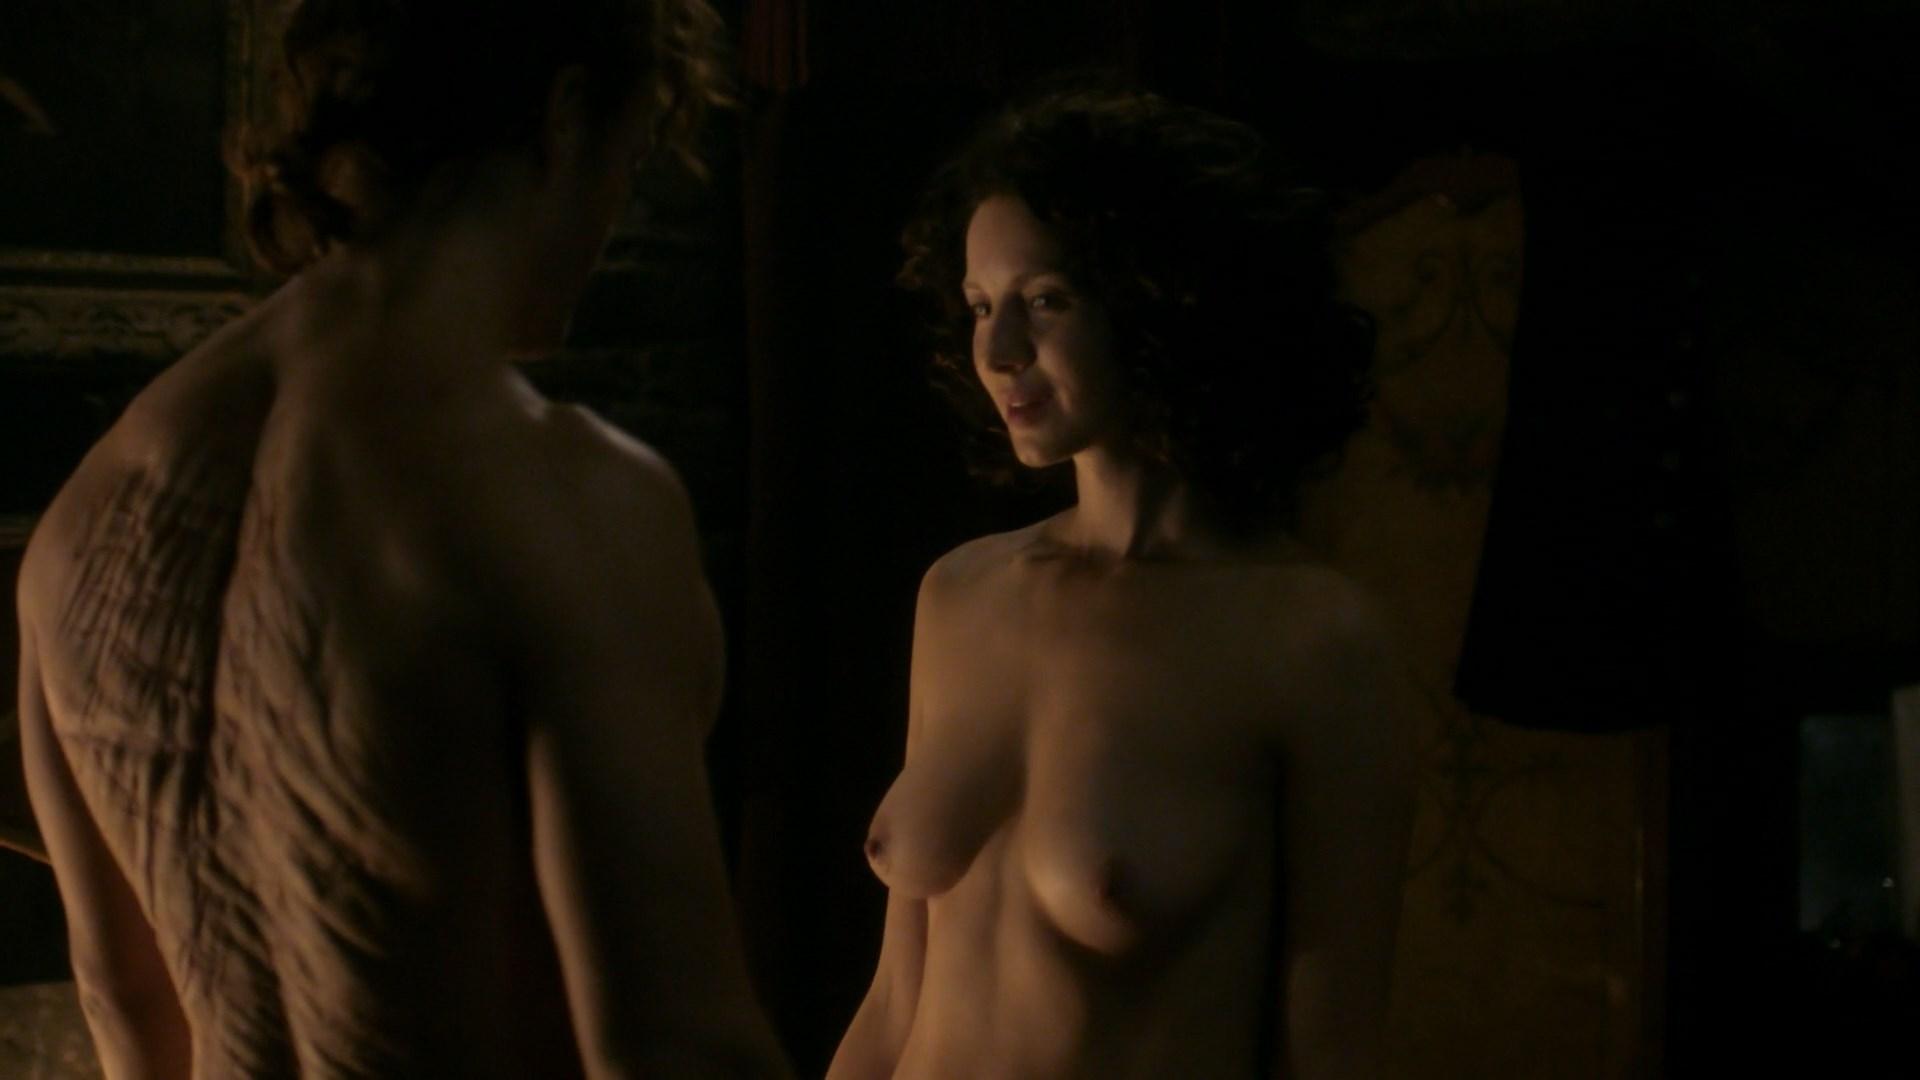 Amanda Crew Topless watch online - amanda crew – crazy kind of love (2013) hd 1080p